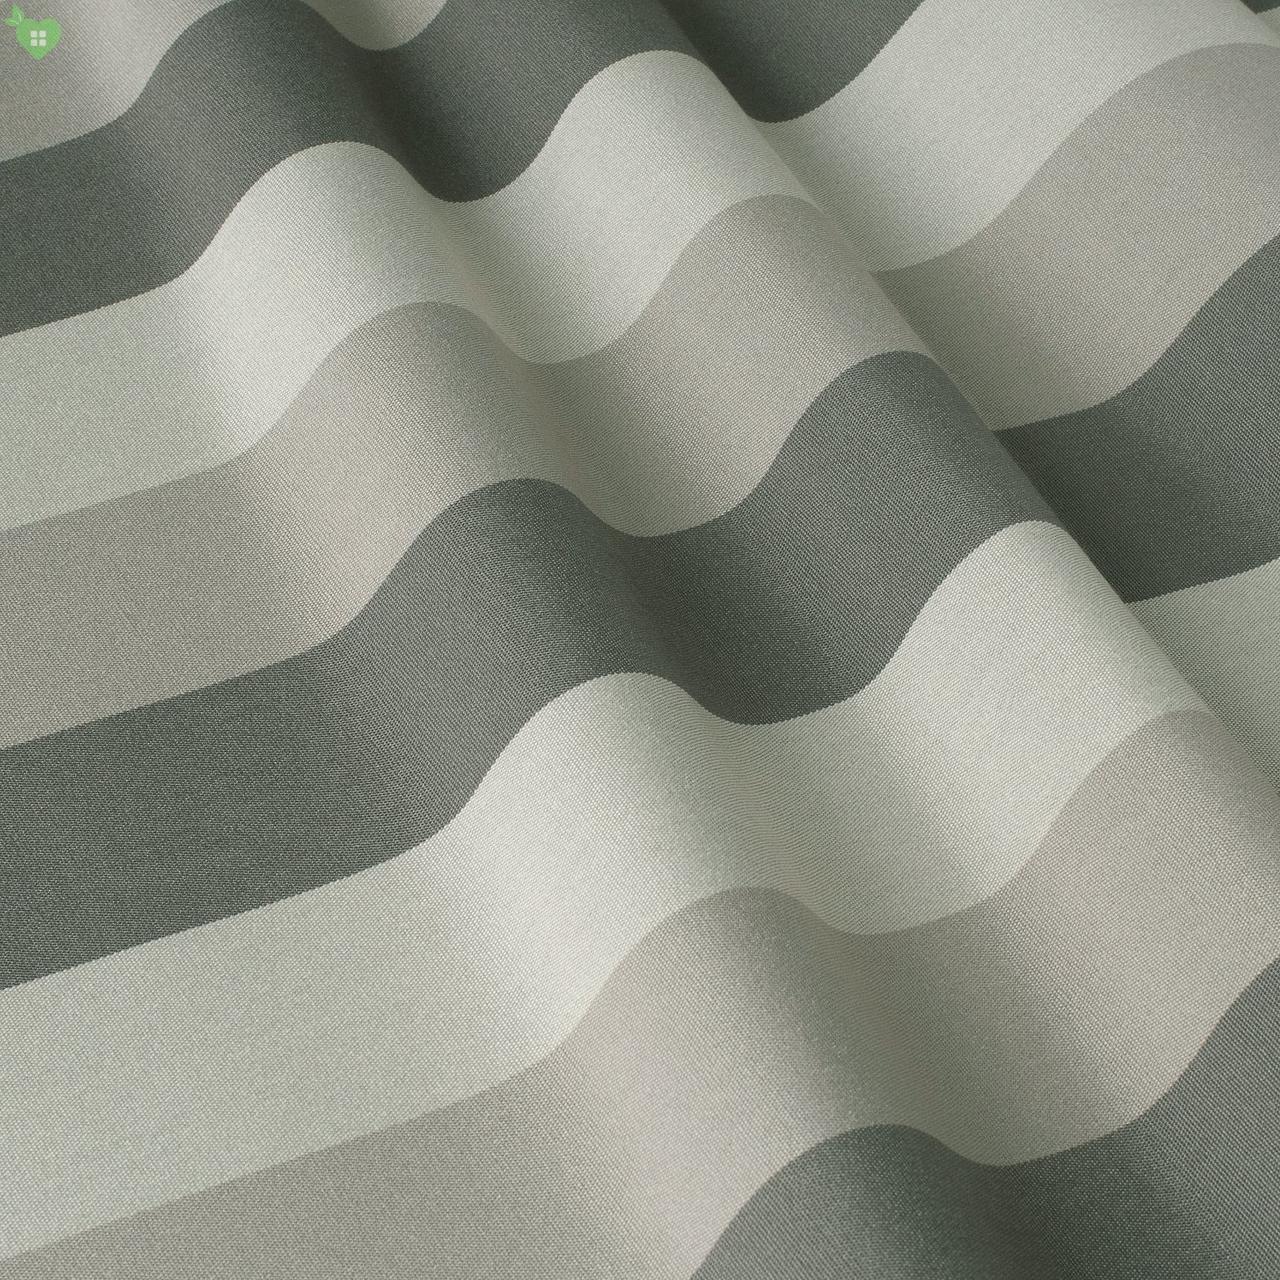 Уличная декоративная ткань в полоску белого черного и серого цвета 84340v4